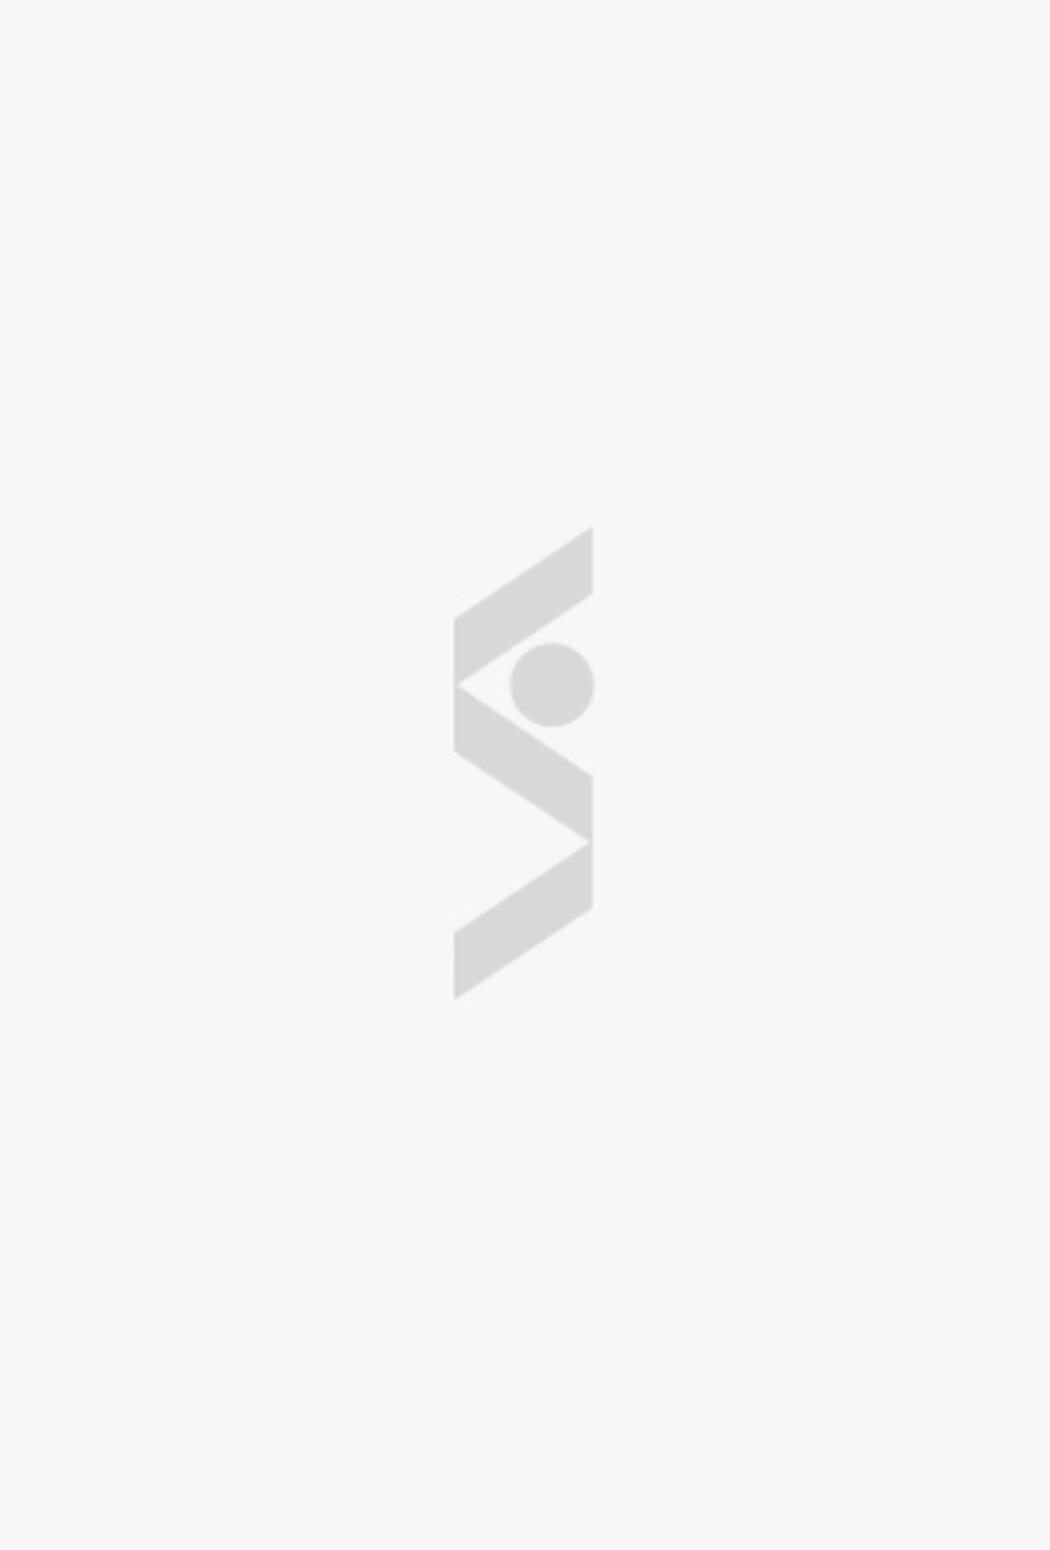 Набор из пяти пар классических носков Claudio - цена 790 ₽ купить в интернет-магазине СТОКМАНН в Москве BAFC85AF-910D-4DEB-A33F-6FEB126D97E3